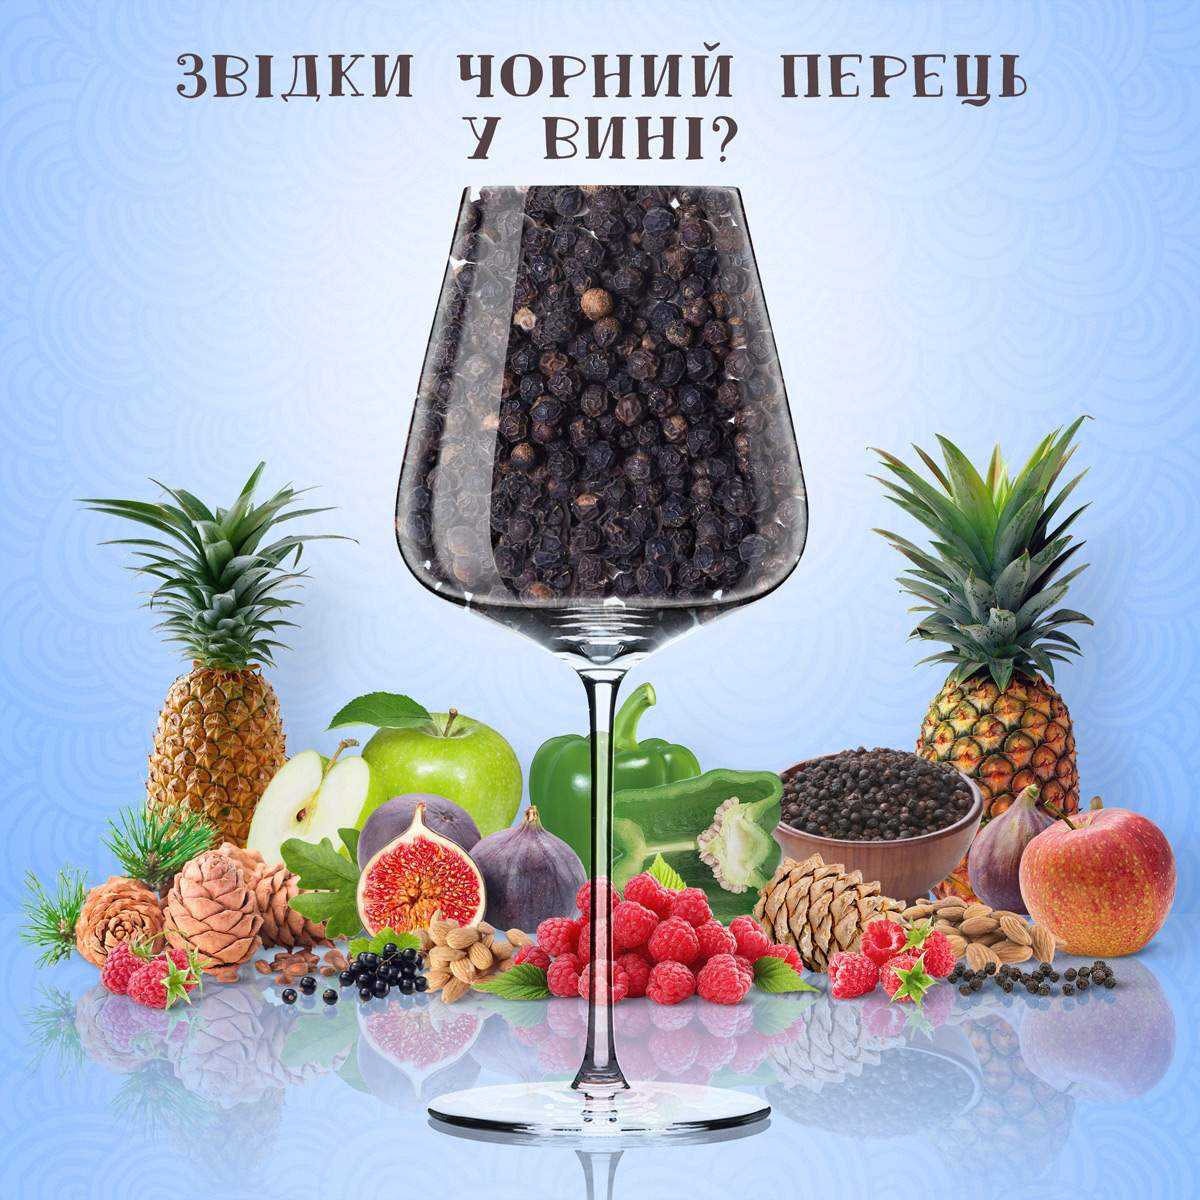 За аромат перцю у вині відповідає особлива сполука